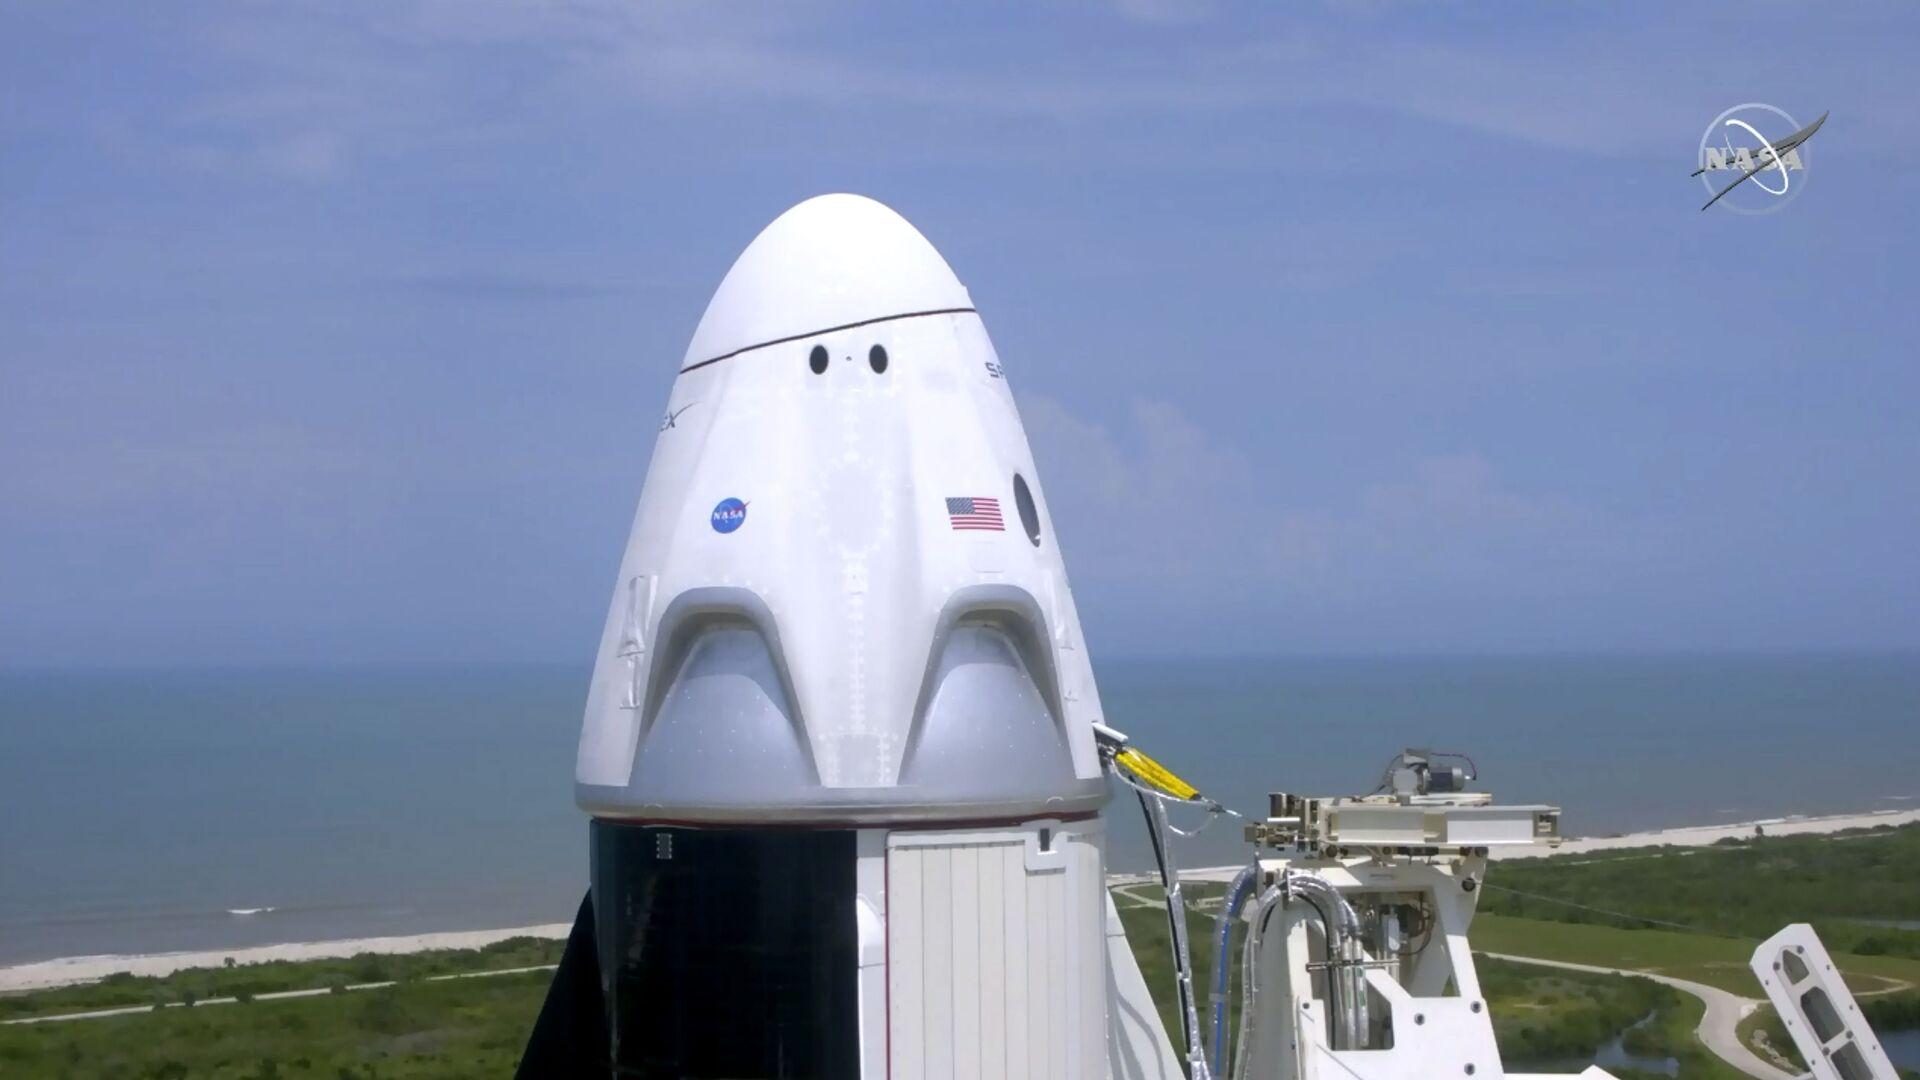 Корабль Crew Dragon, созданный компанией SpaceX Илона Маска - Sputnik Армения, 1920, 19.09.2021